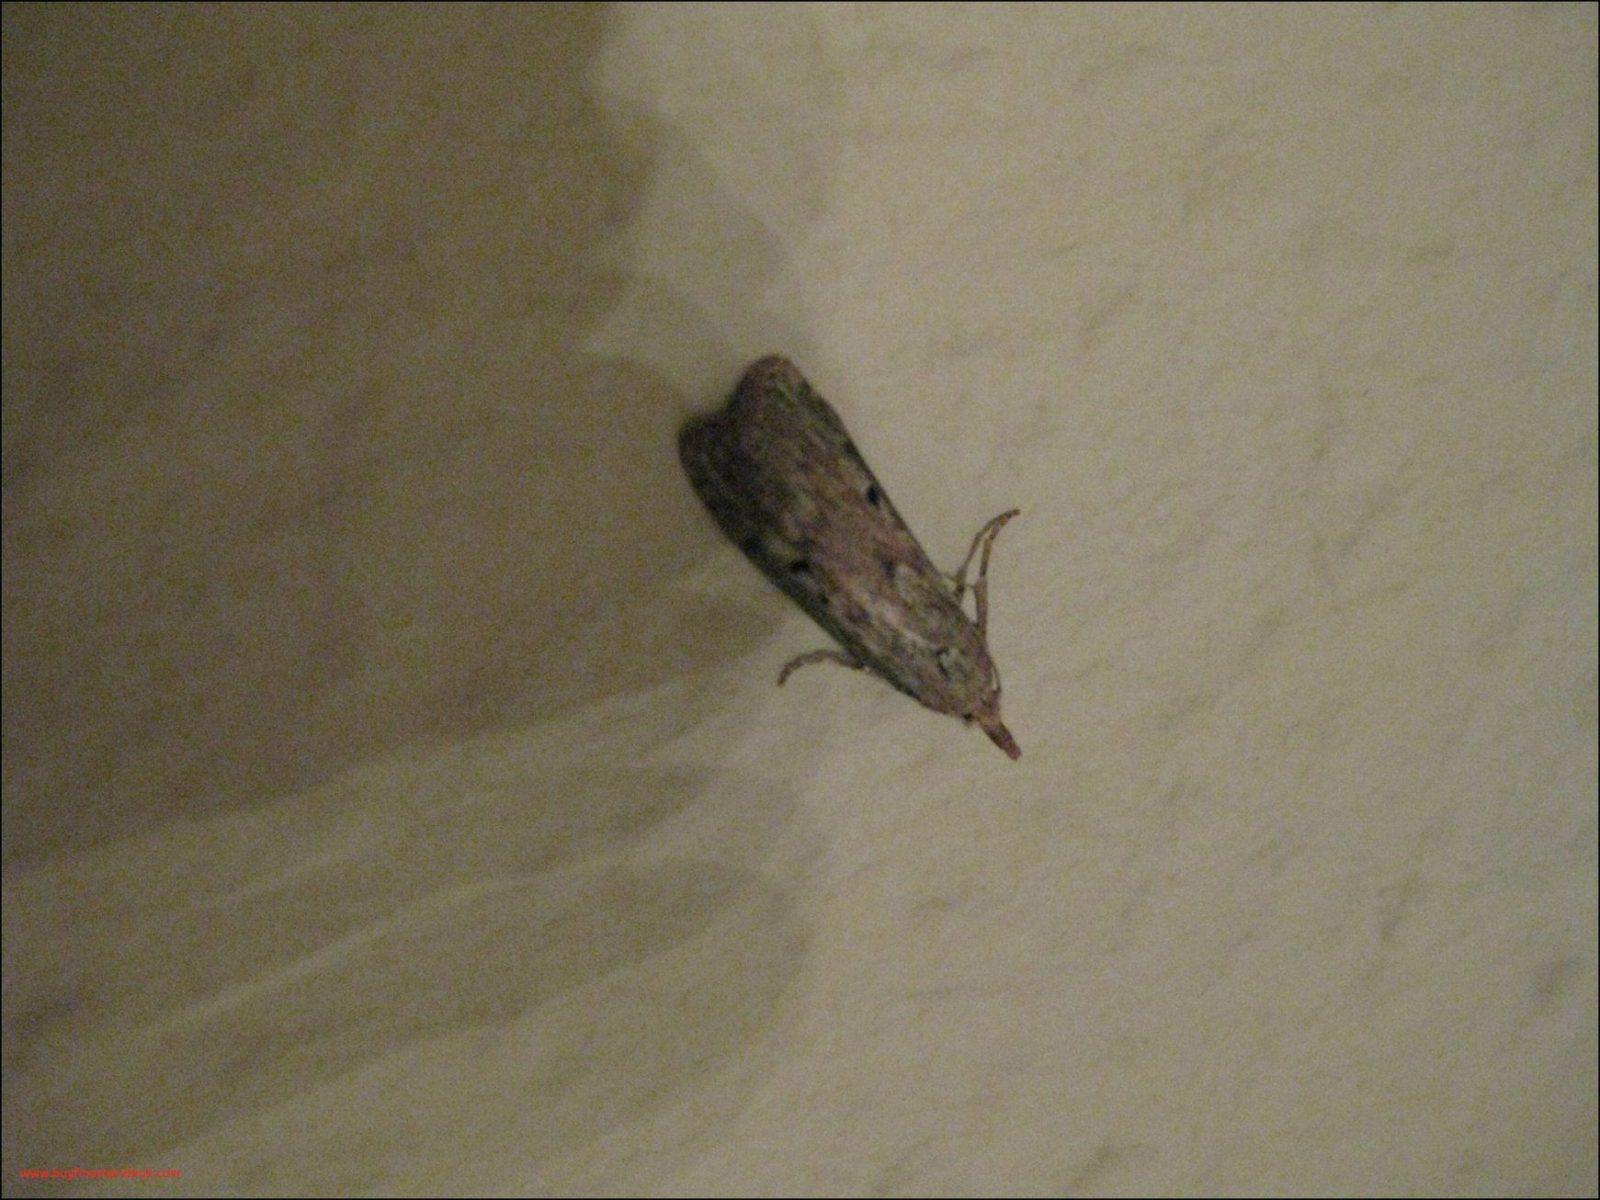 Motten Im Haus Von Bemerkenswert Kleine Motten In Der Küche von Motten Im Haus Woher Bild